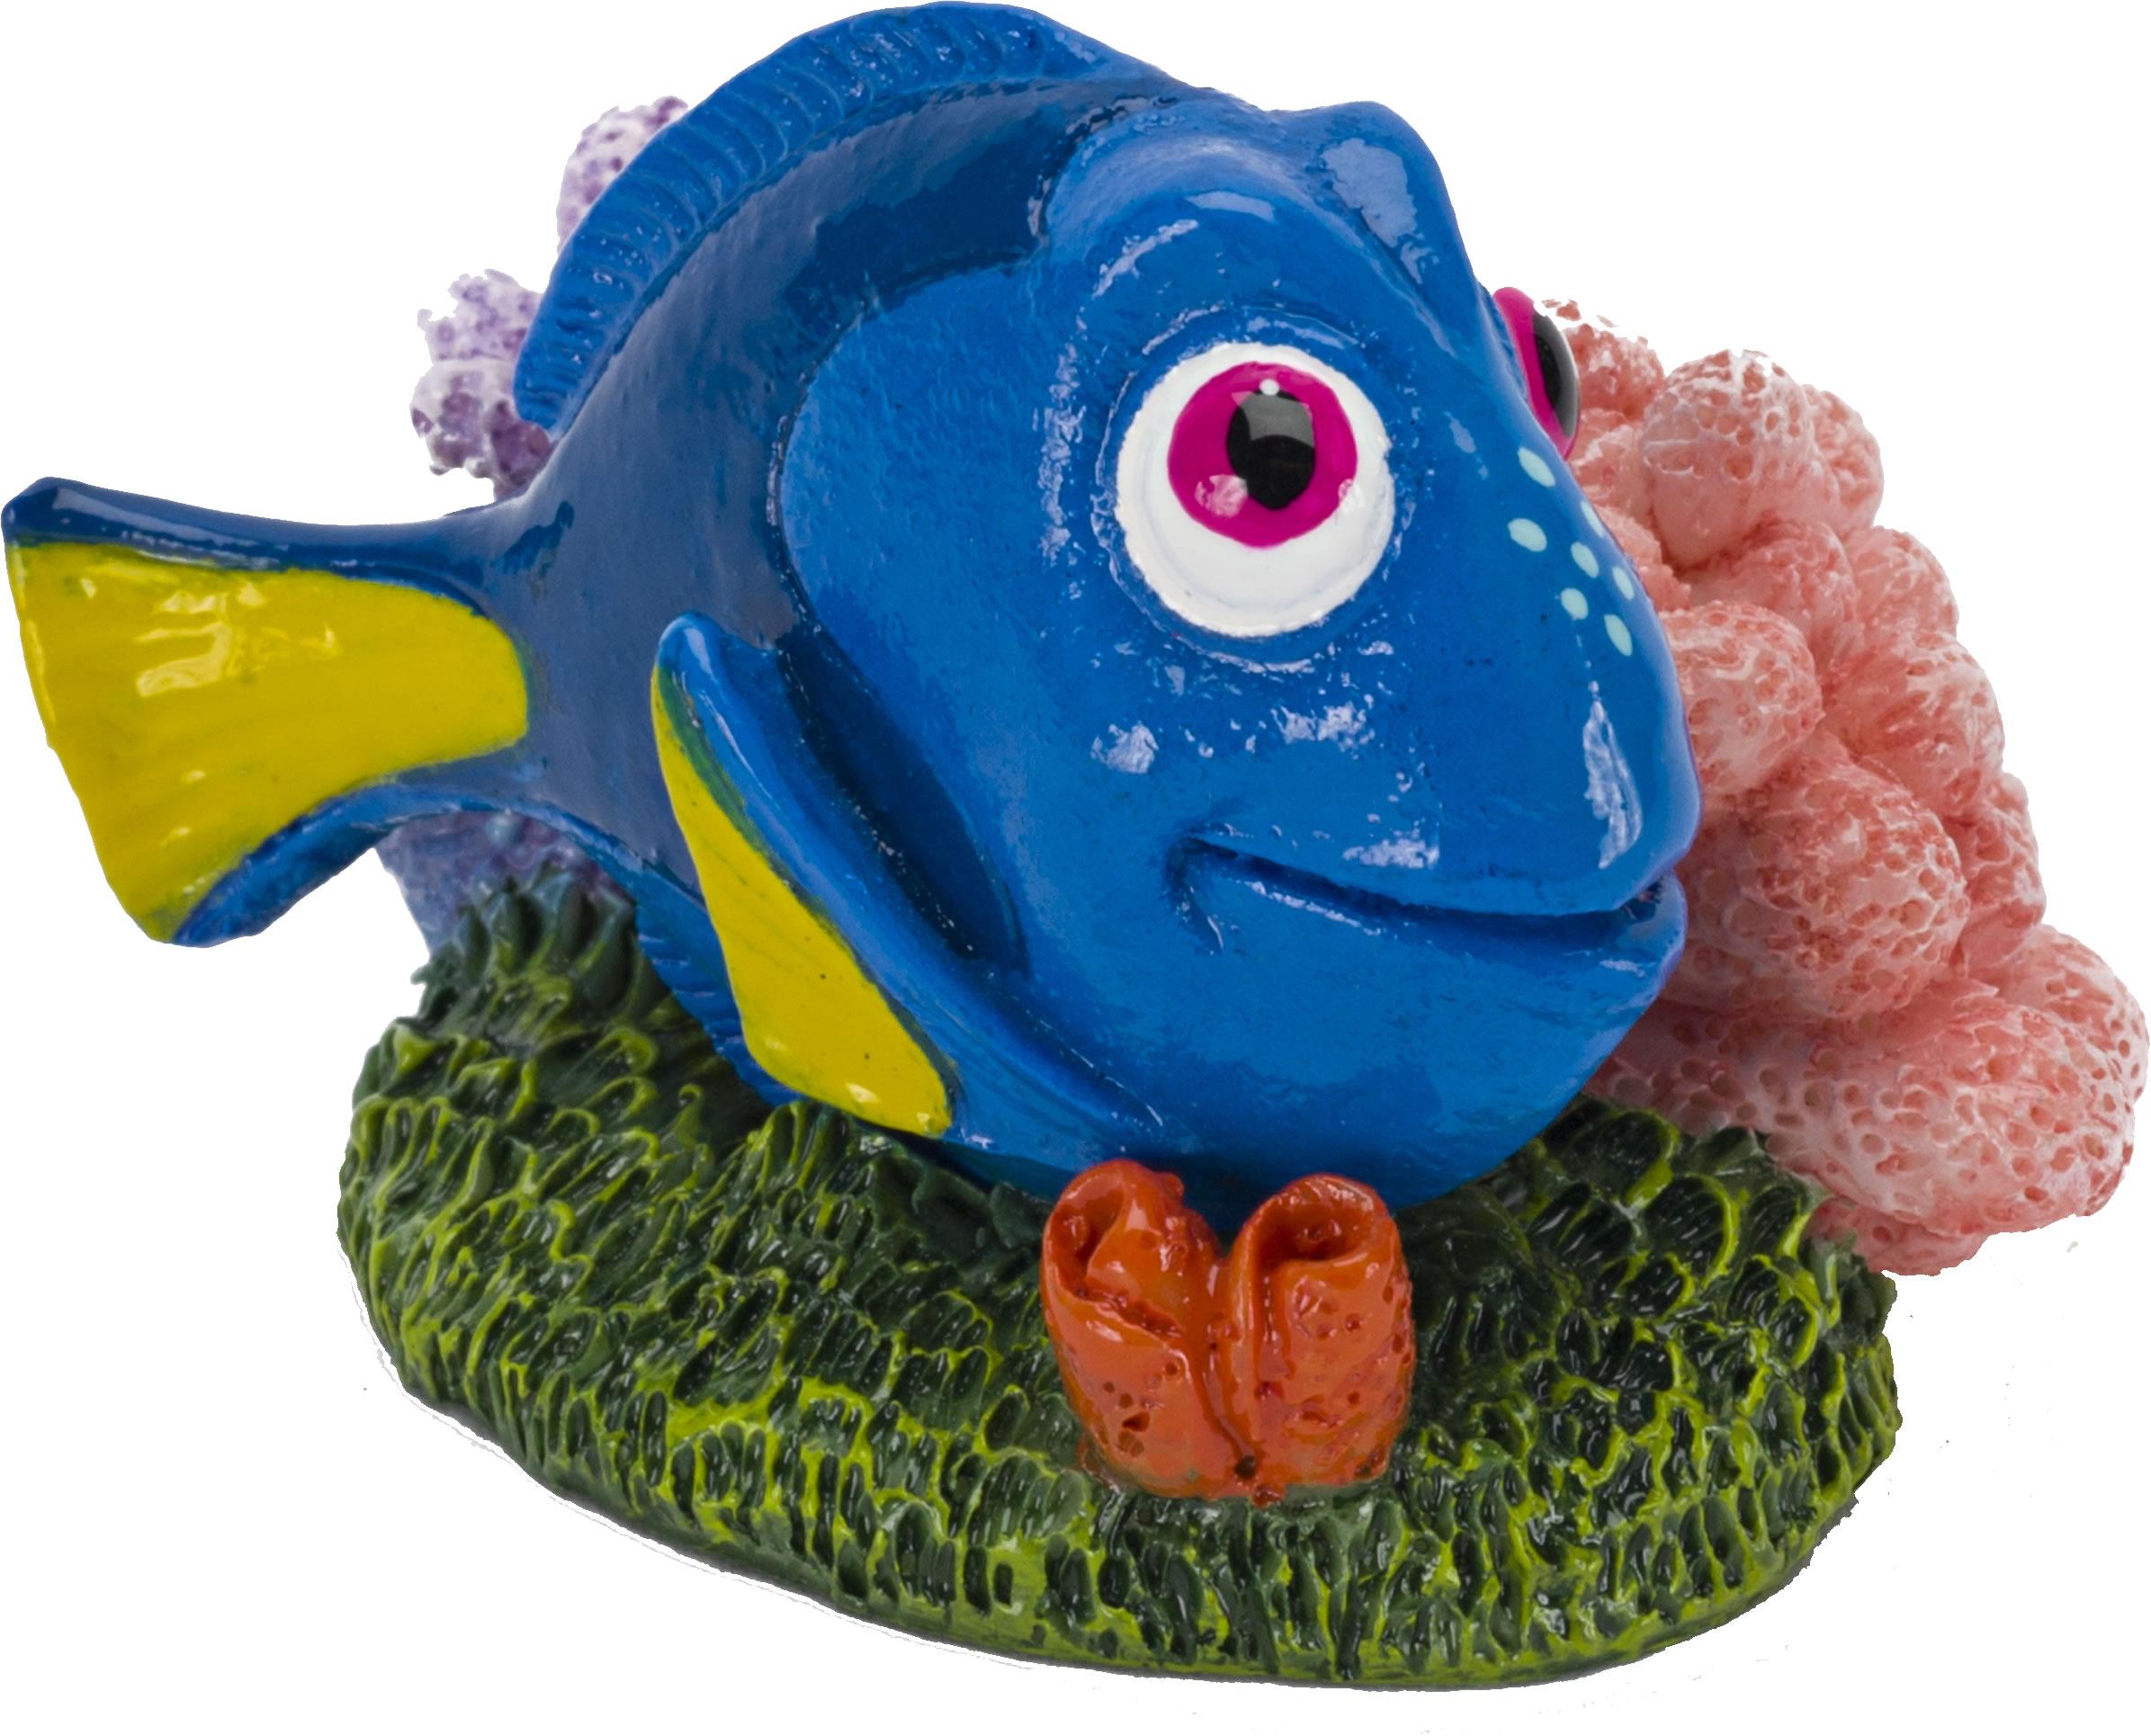 Dekorationen Penn-plax Dory Mit Koralle Mittel Fische & Aquarien